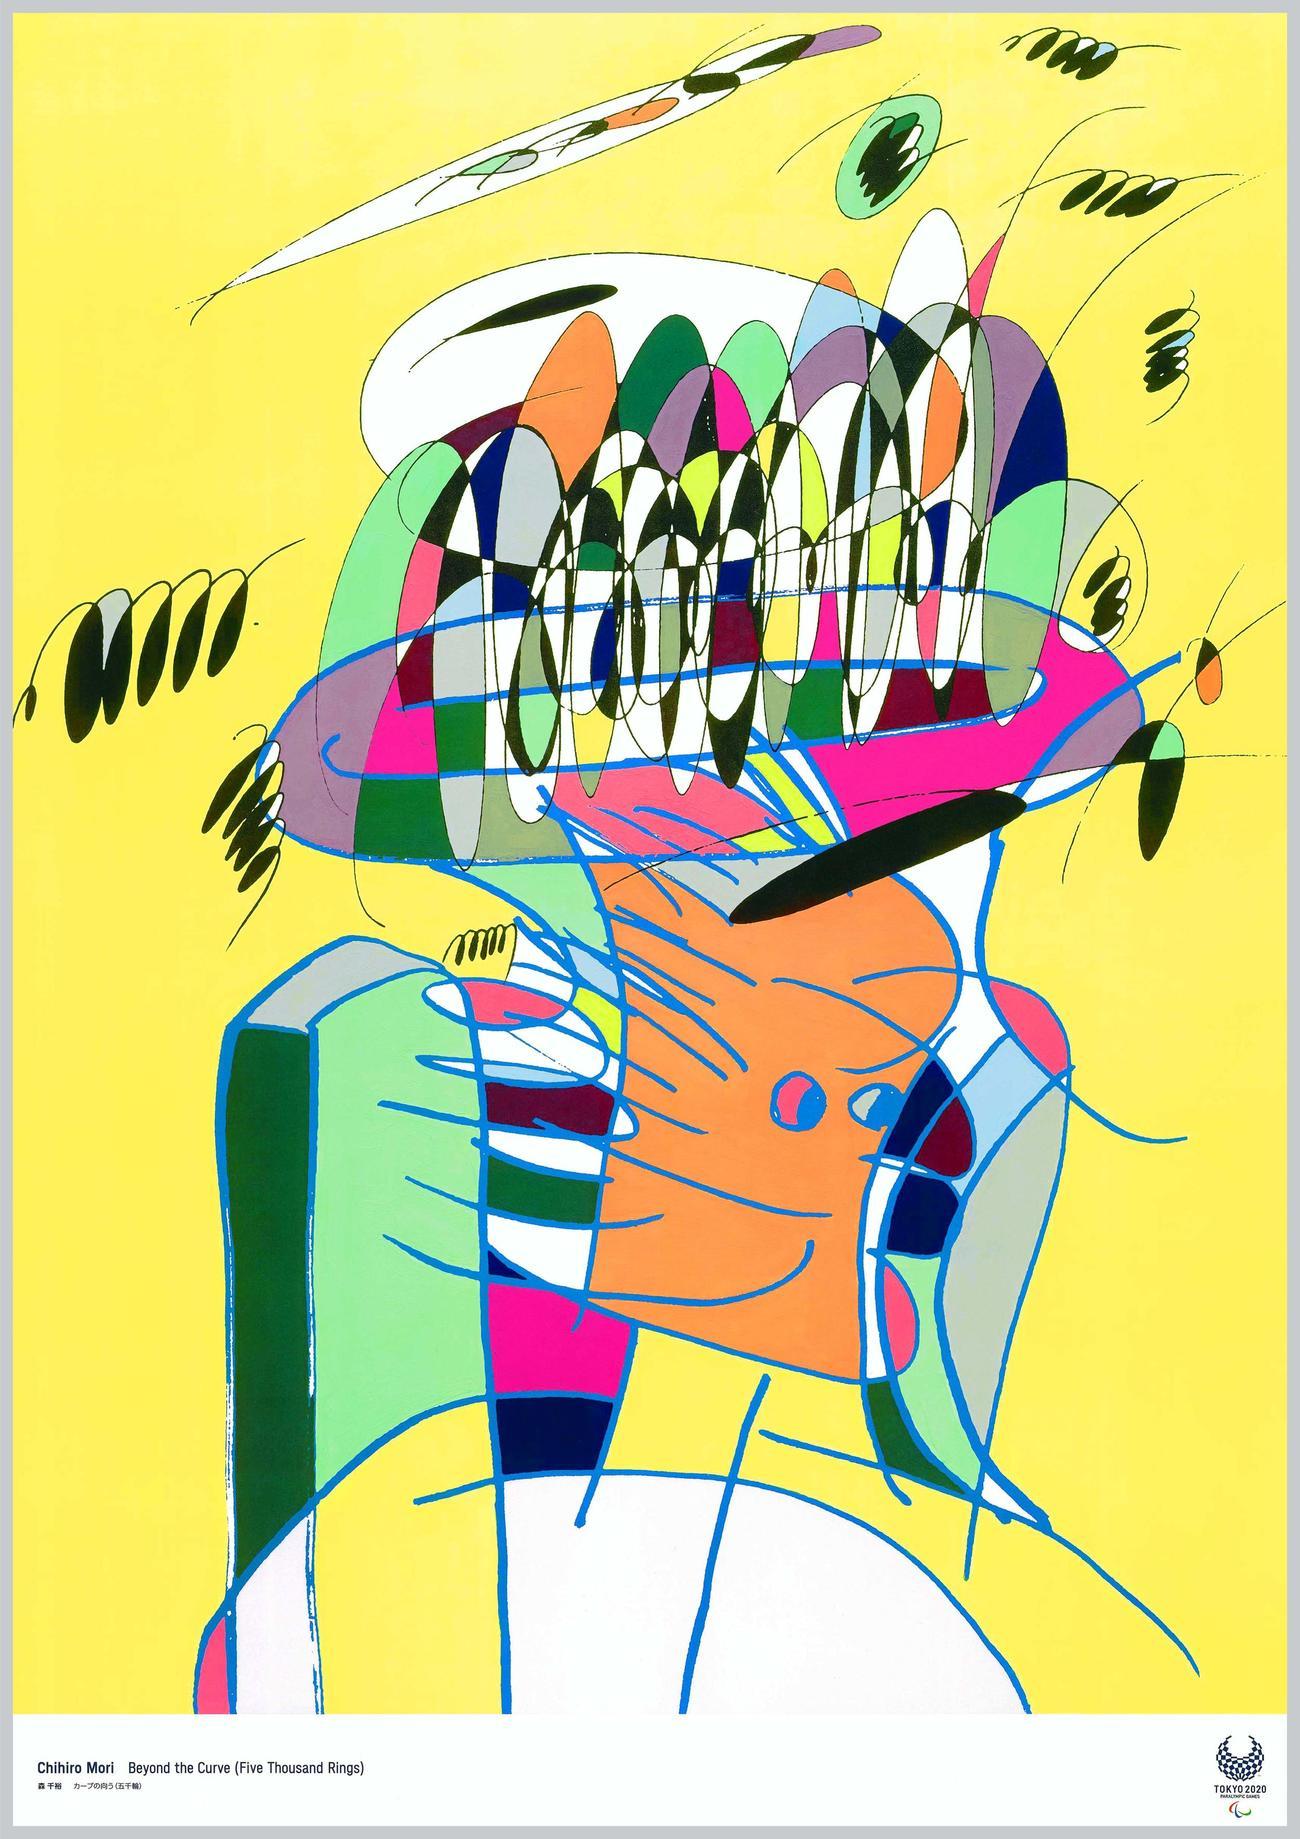 東京2020公式アートポスターの1つで、美術家の森千裕氏が手掛けたパラリンピックをテーマにした作品「カーブの向う(五千輪)」@Tokyo2020